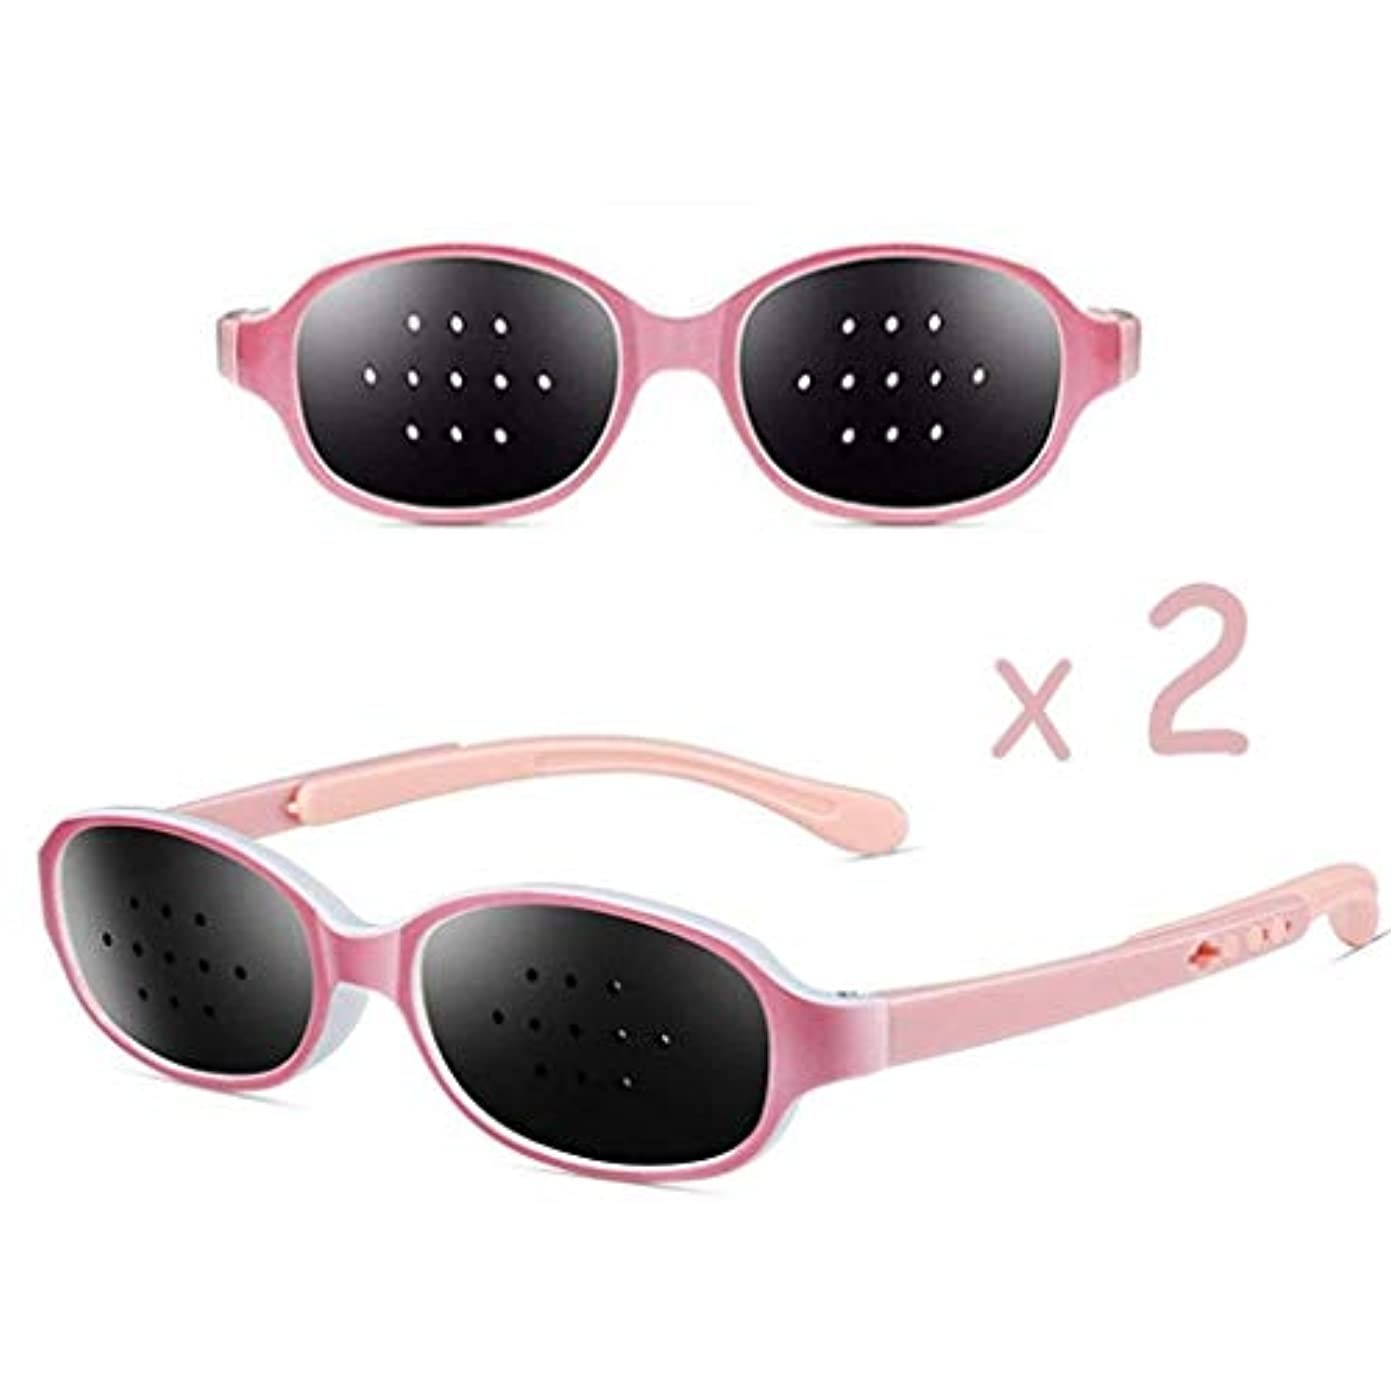 おとなしい最大のくつろぐユニセックス視力ビジョンケアビジョンピンホールメガネアイズエクササイズファッションナチュラル (Color : ピンク)